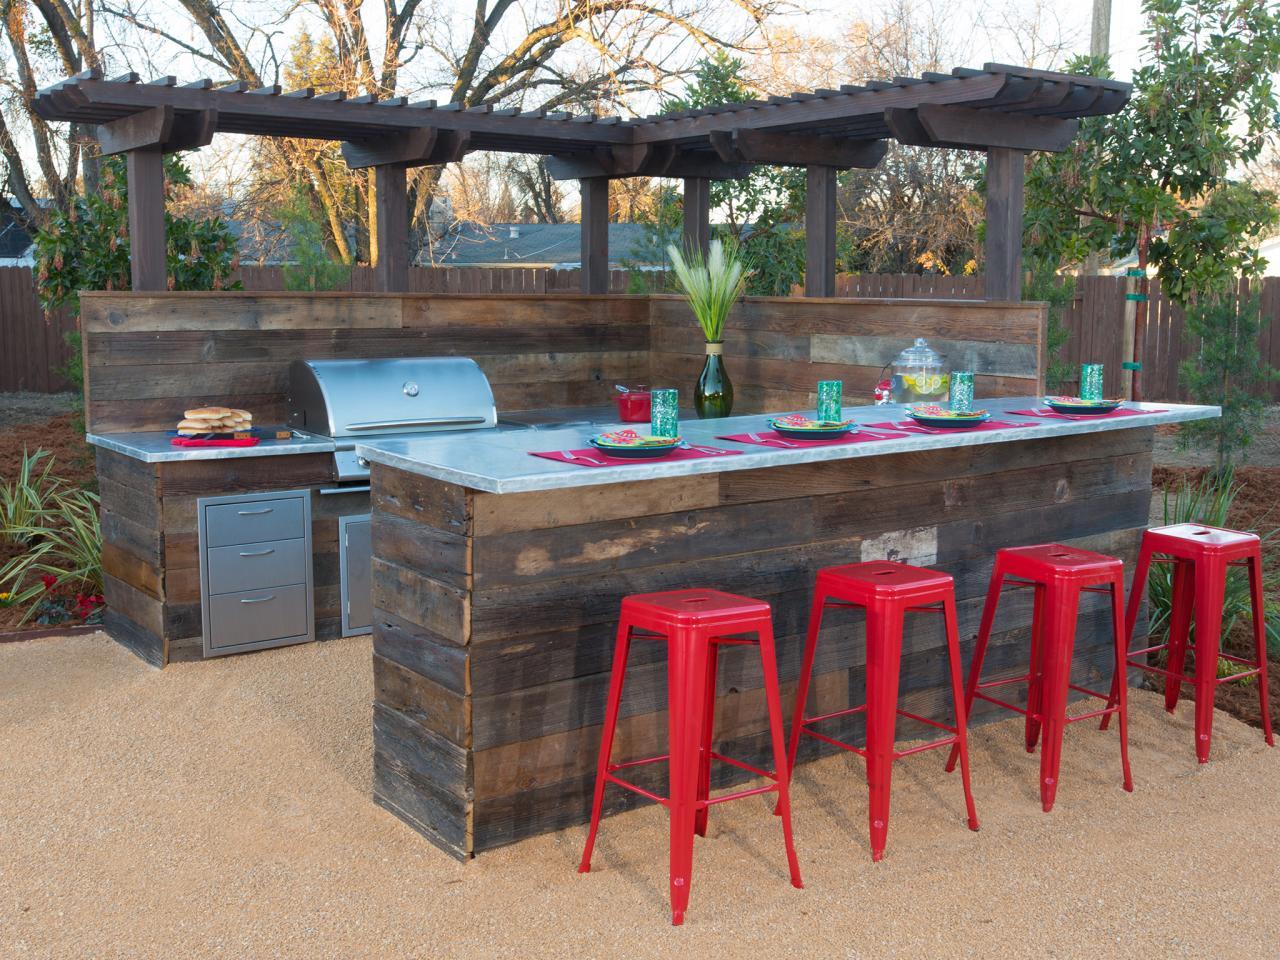 Garten bar mit k che selber bauen freshouse - Garten waschbecken selber bauen ...